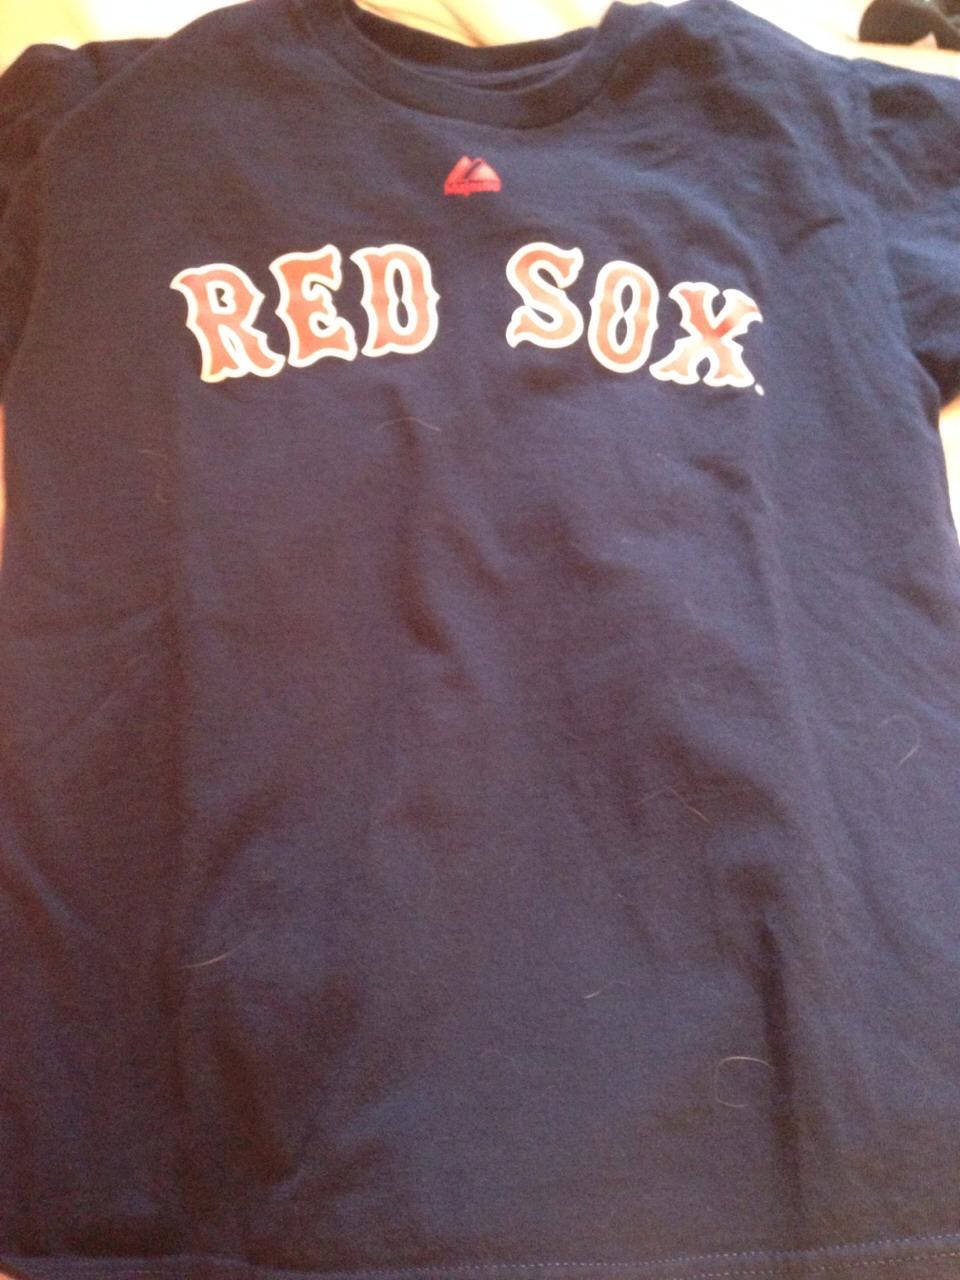 Go RedSoxs